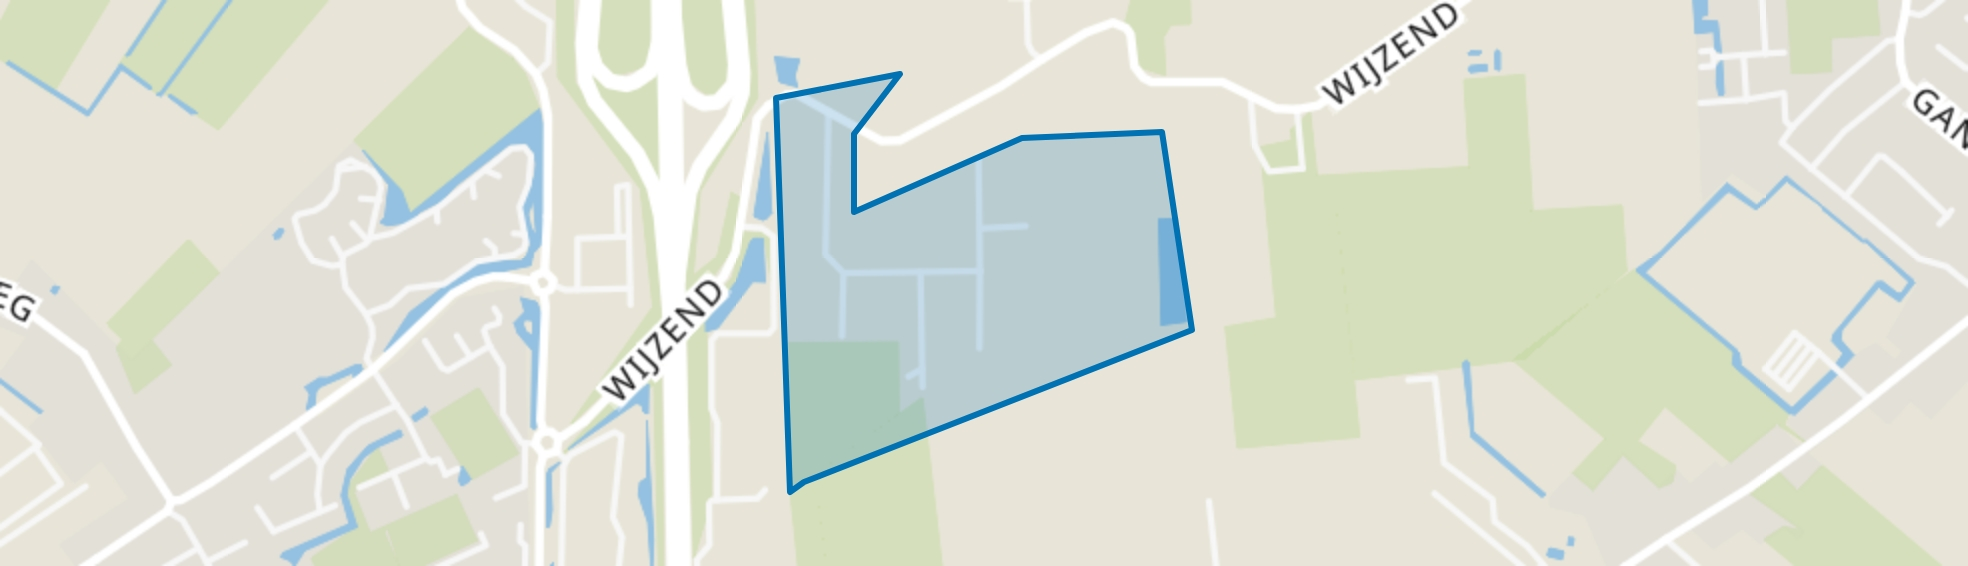 Nibbixwoud Bedrijventerrein, Nibbixwoud map